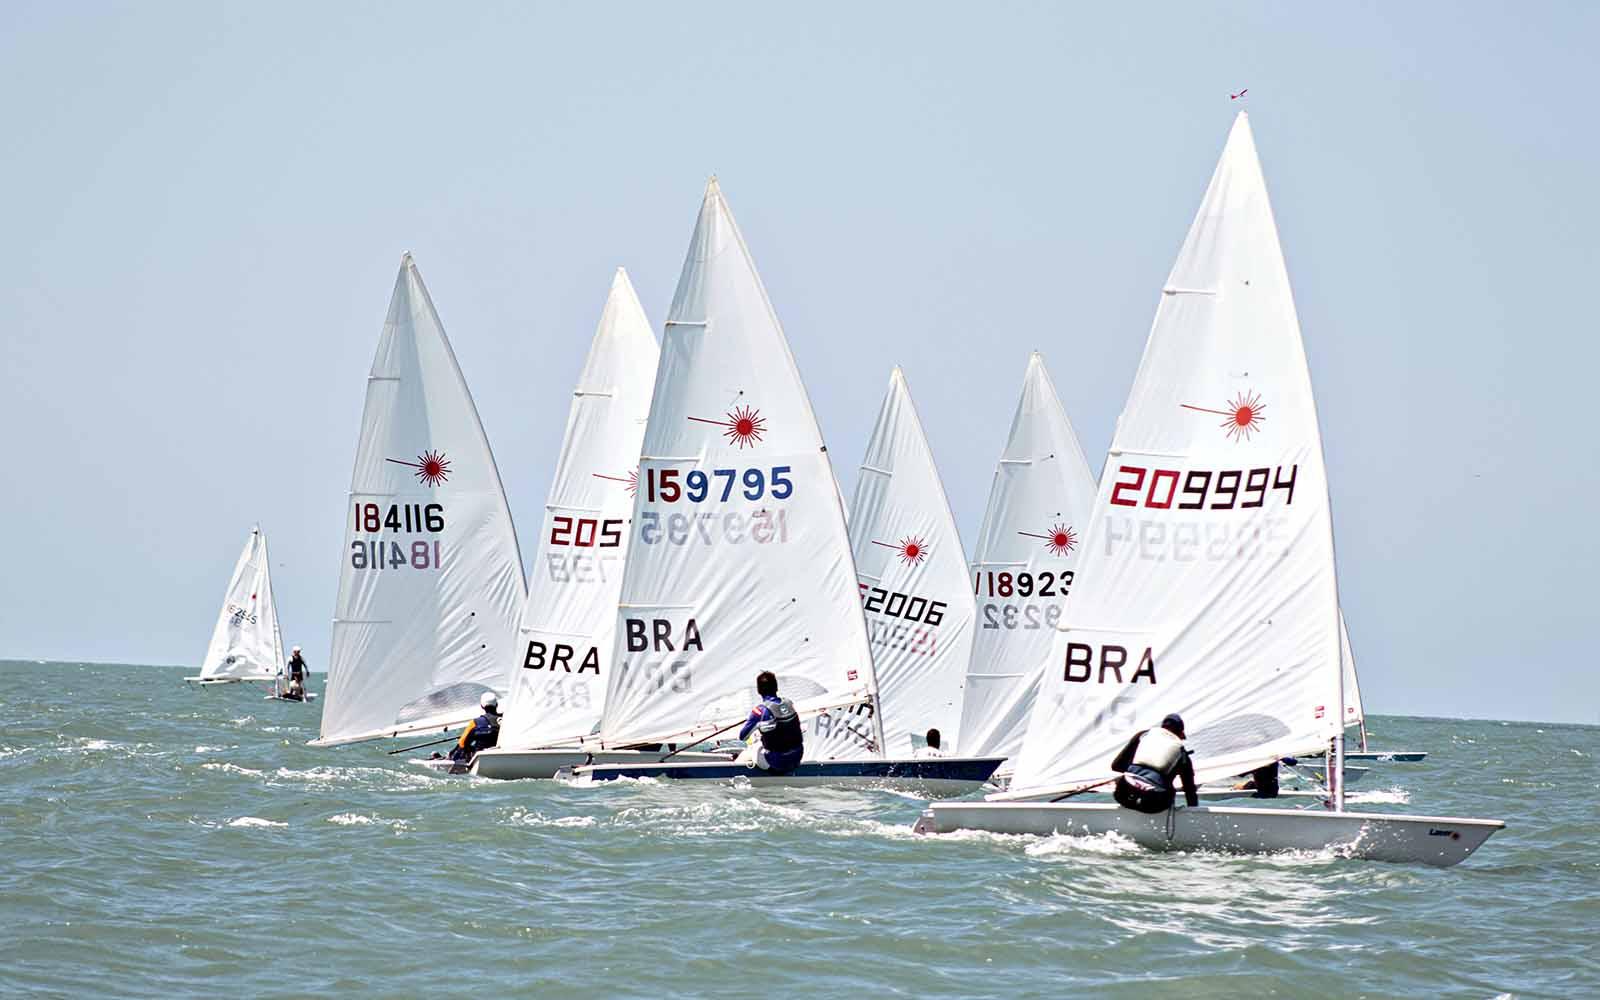 41º Campeonato Sul-Brasileiro de Laser - boat shopping 3